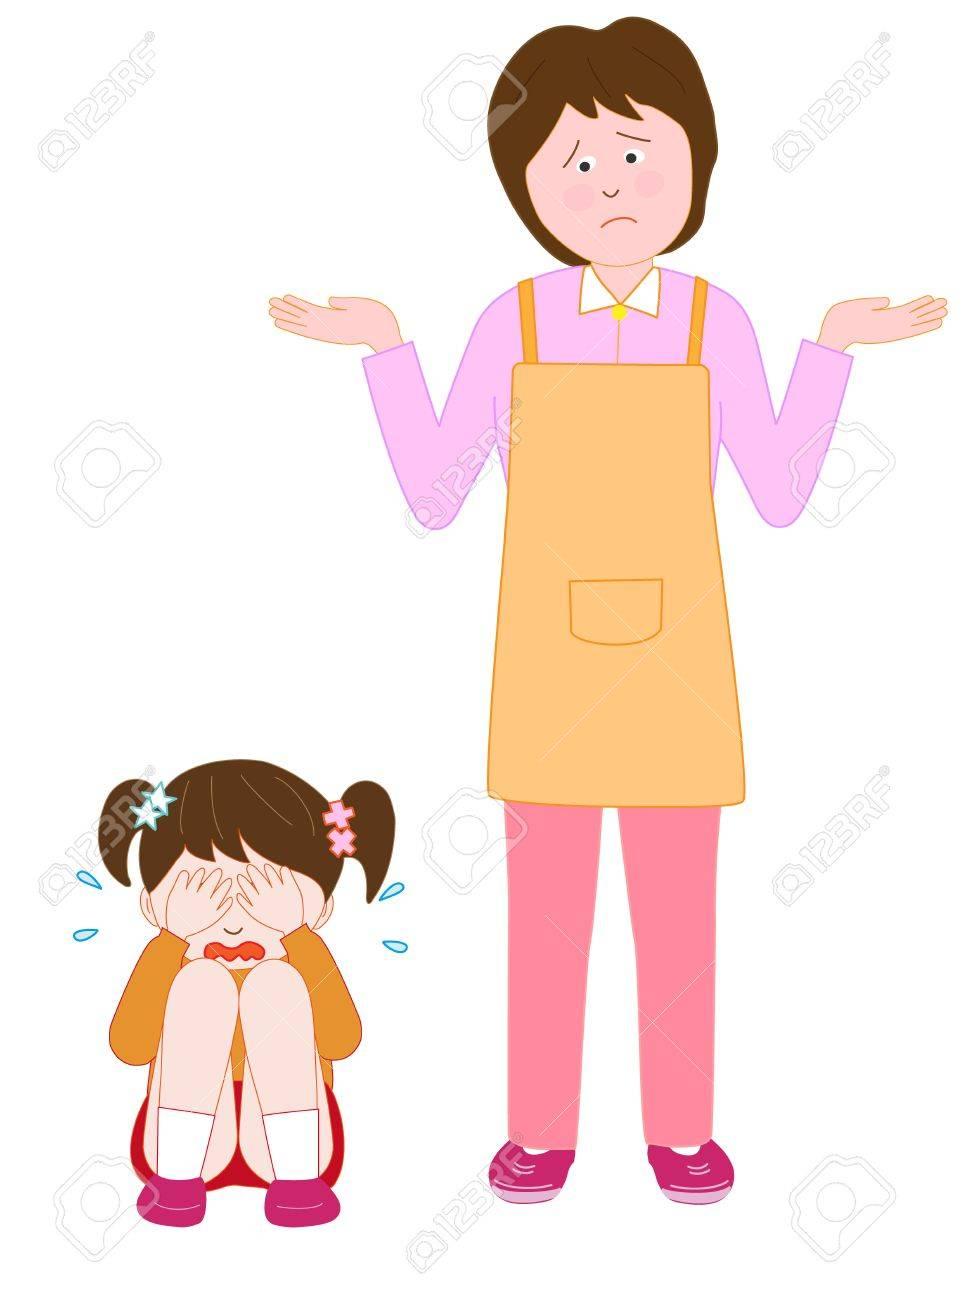 当惑の女性で泣いている子供のイラスト素材・ベクタ - Image 68298633.